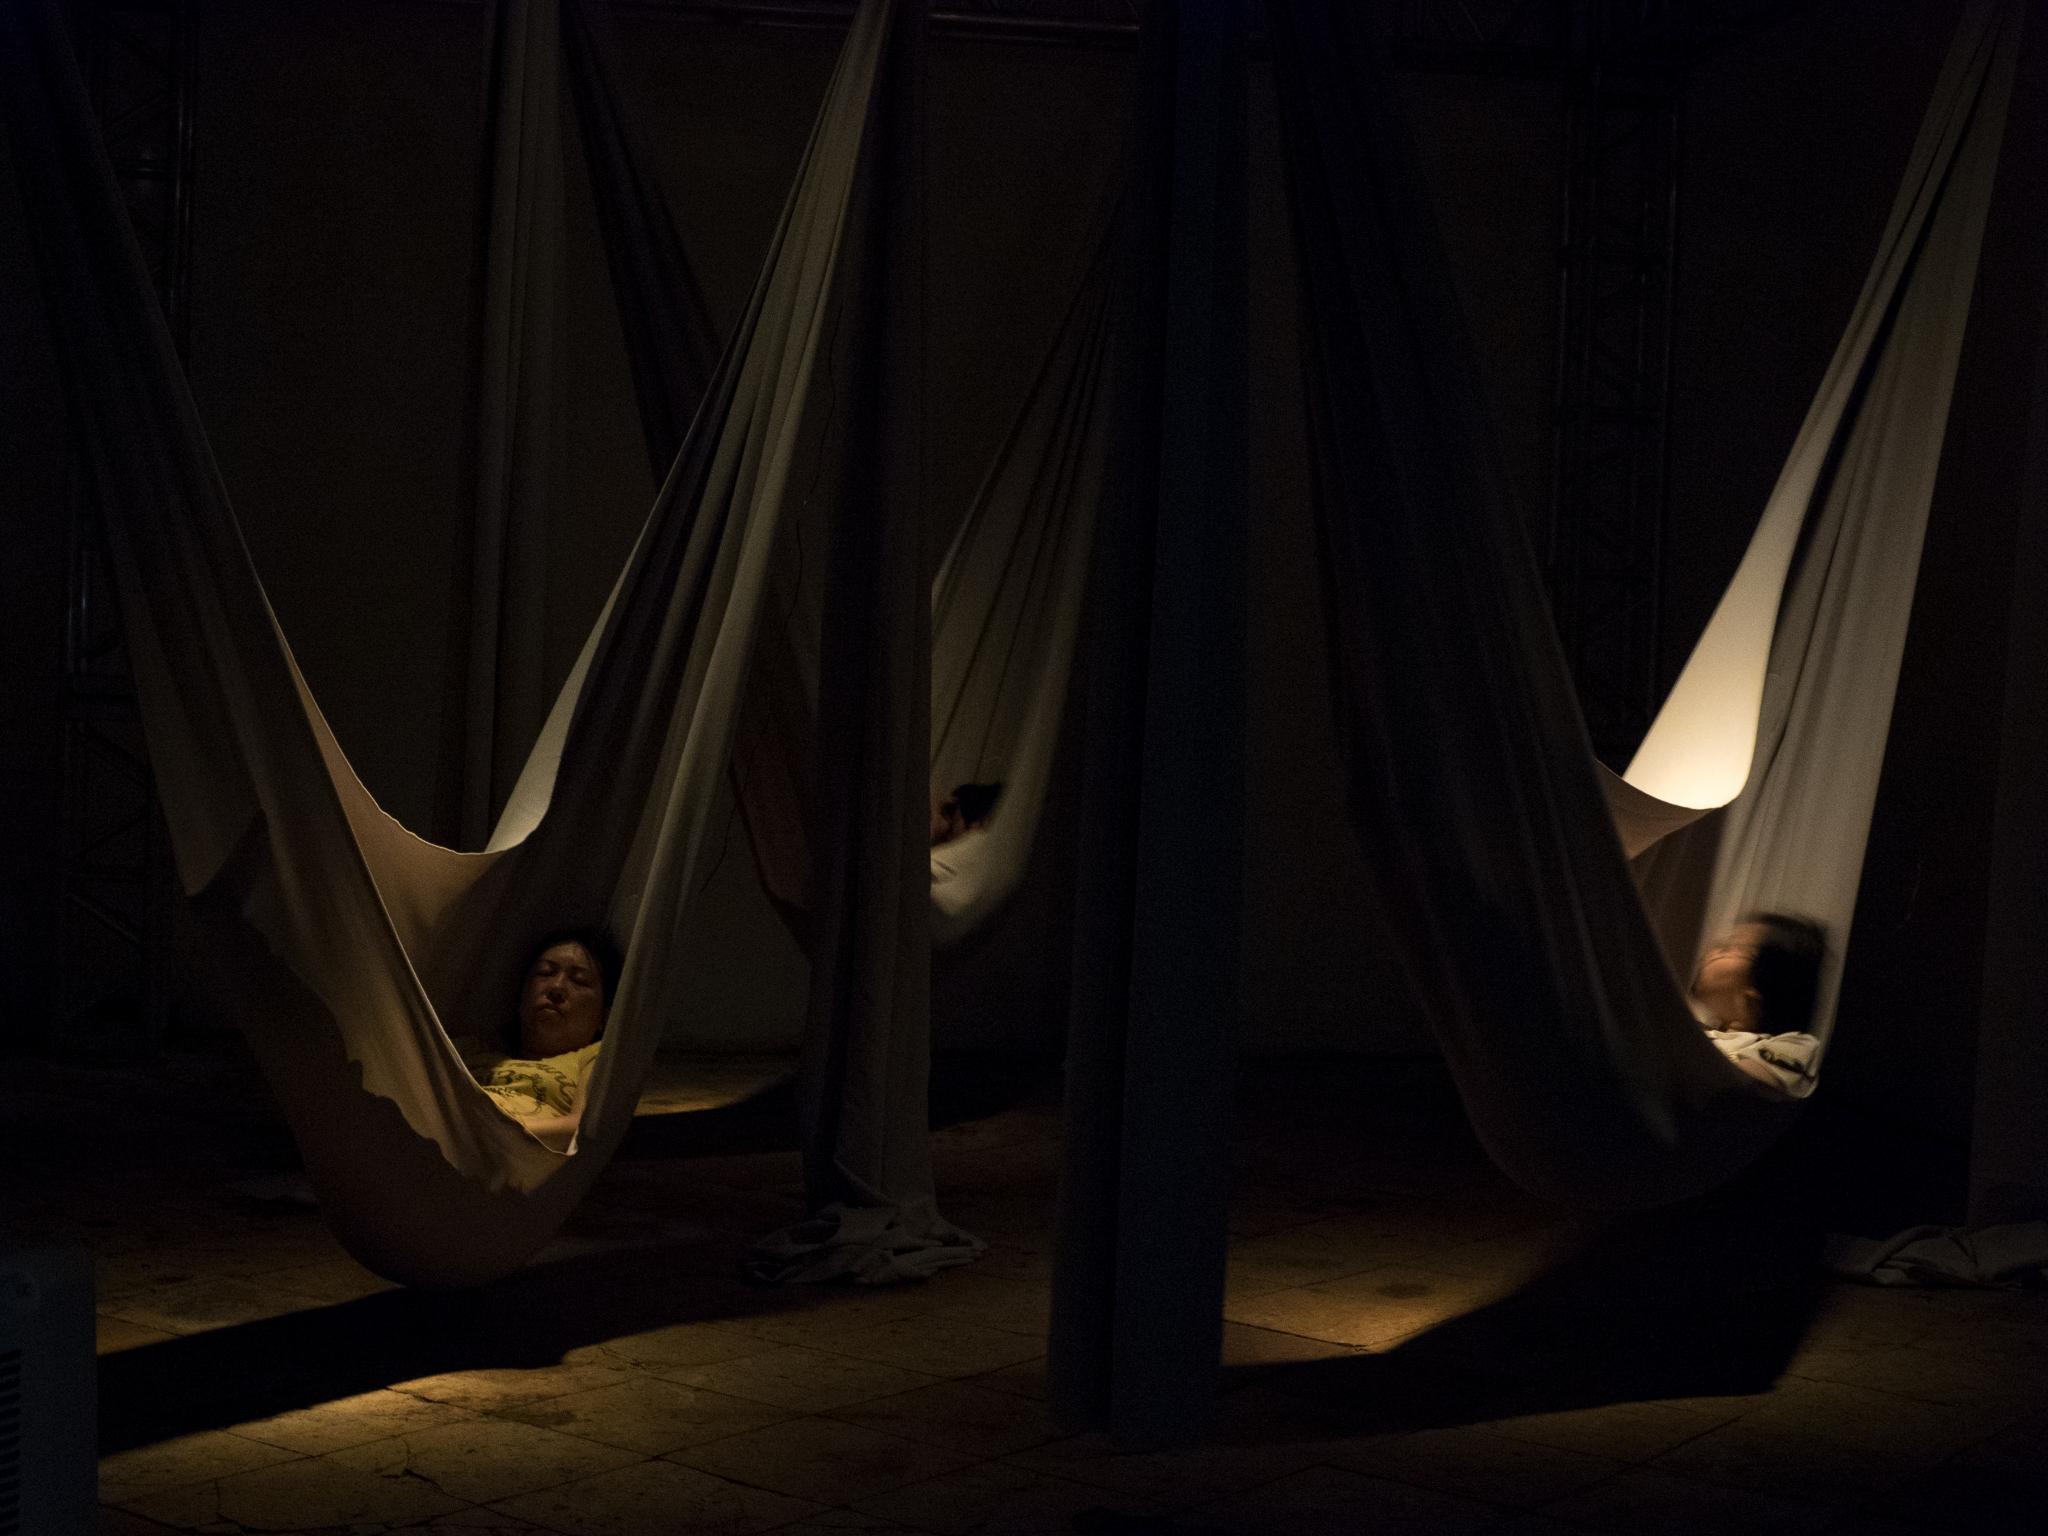 《無深睡眠》演出相片(劇照由澳門文化局提供)